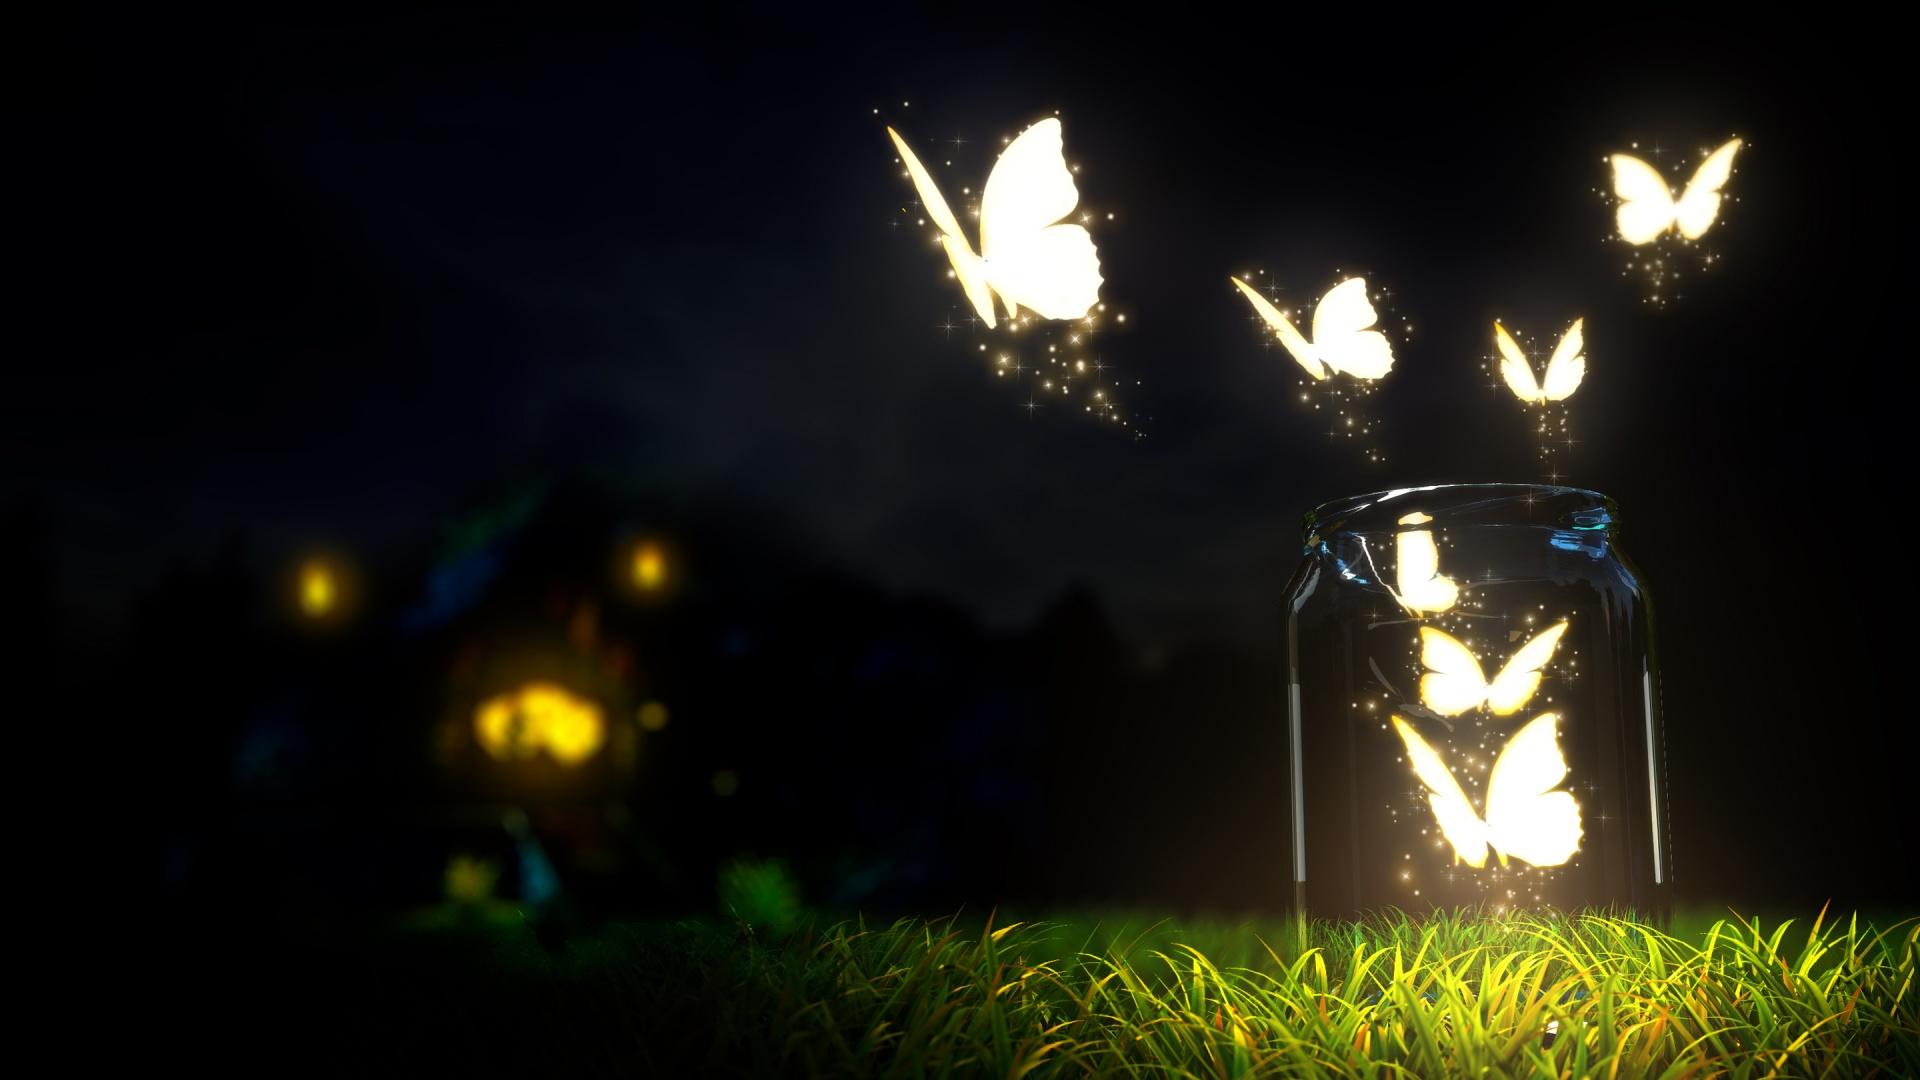 49 Butterflies Wallpaper Pictures